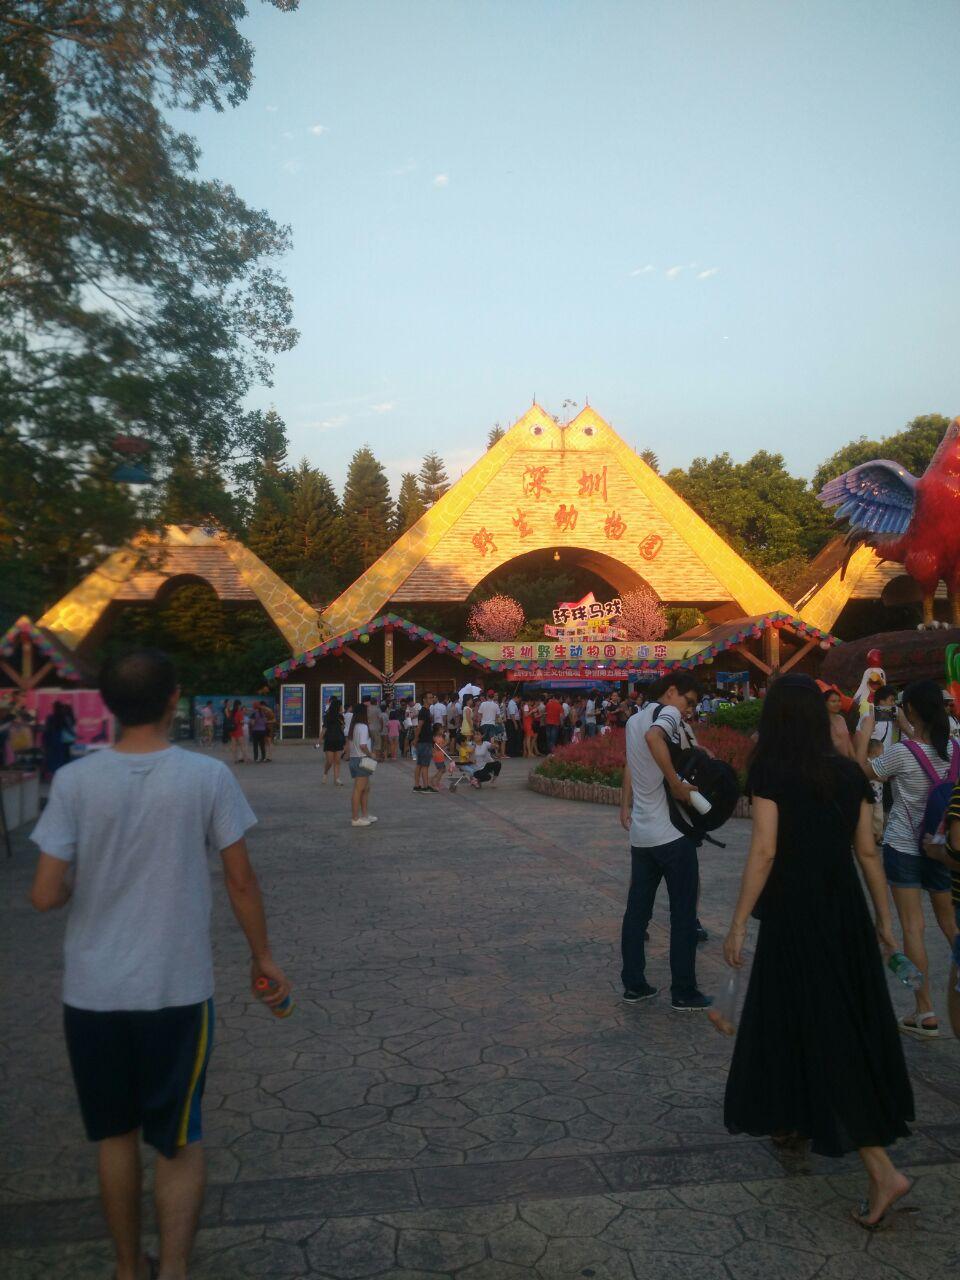 【携程攻略】深圳深圳野生动物园景点,我是夜场去的